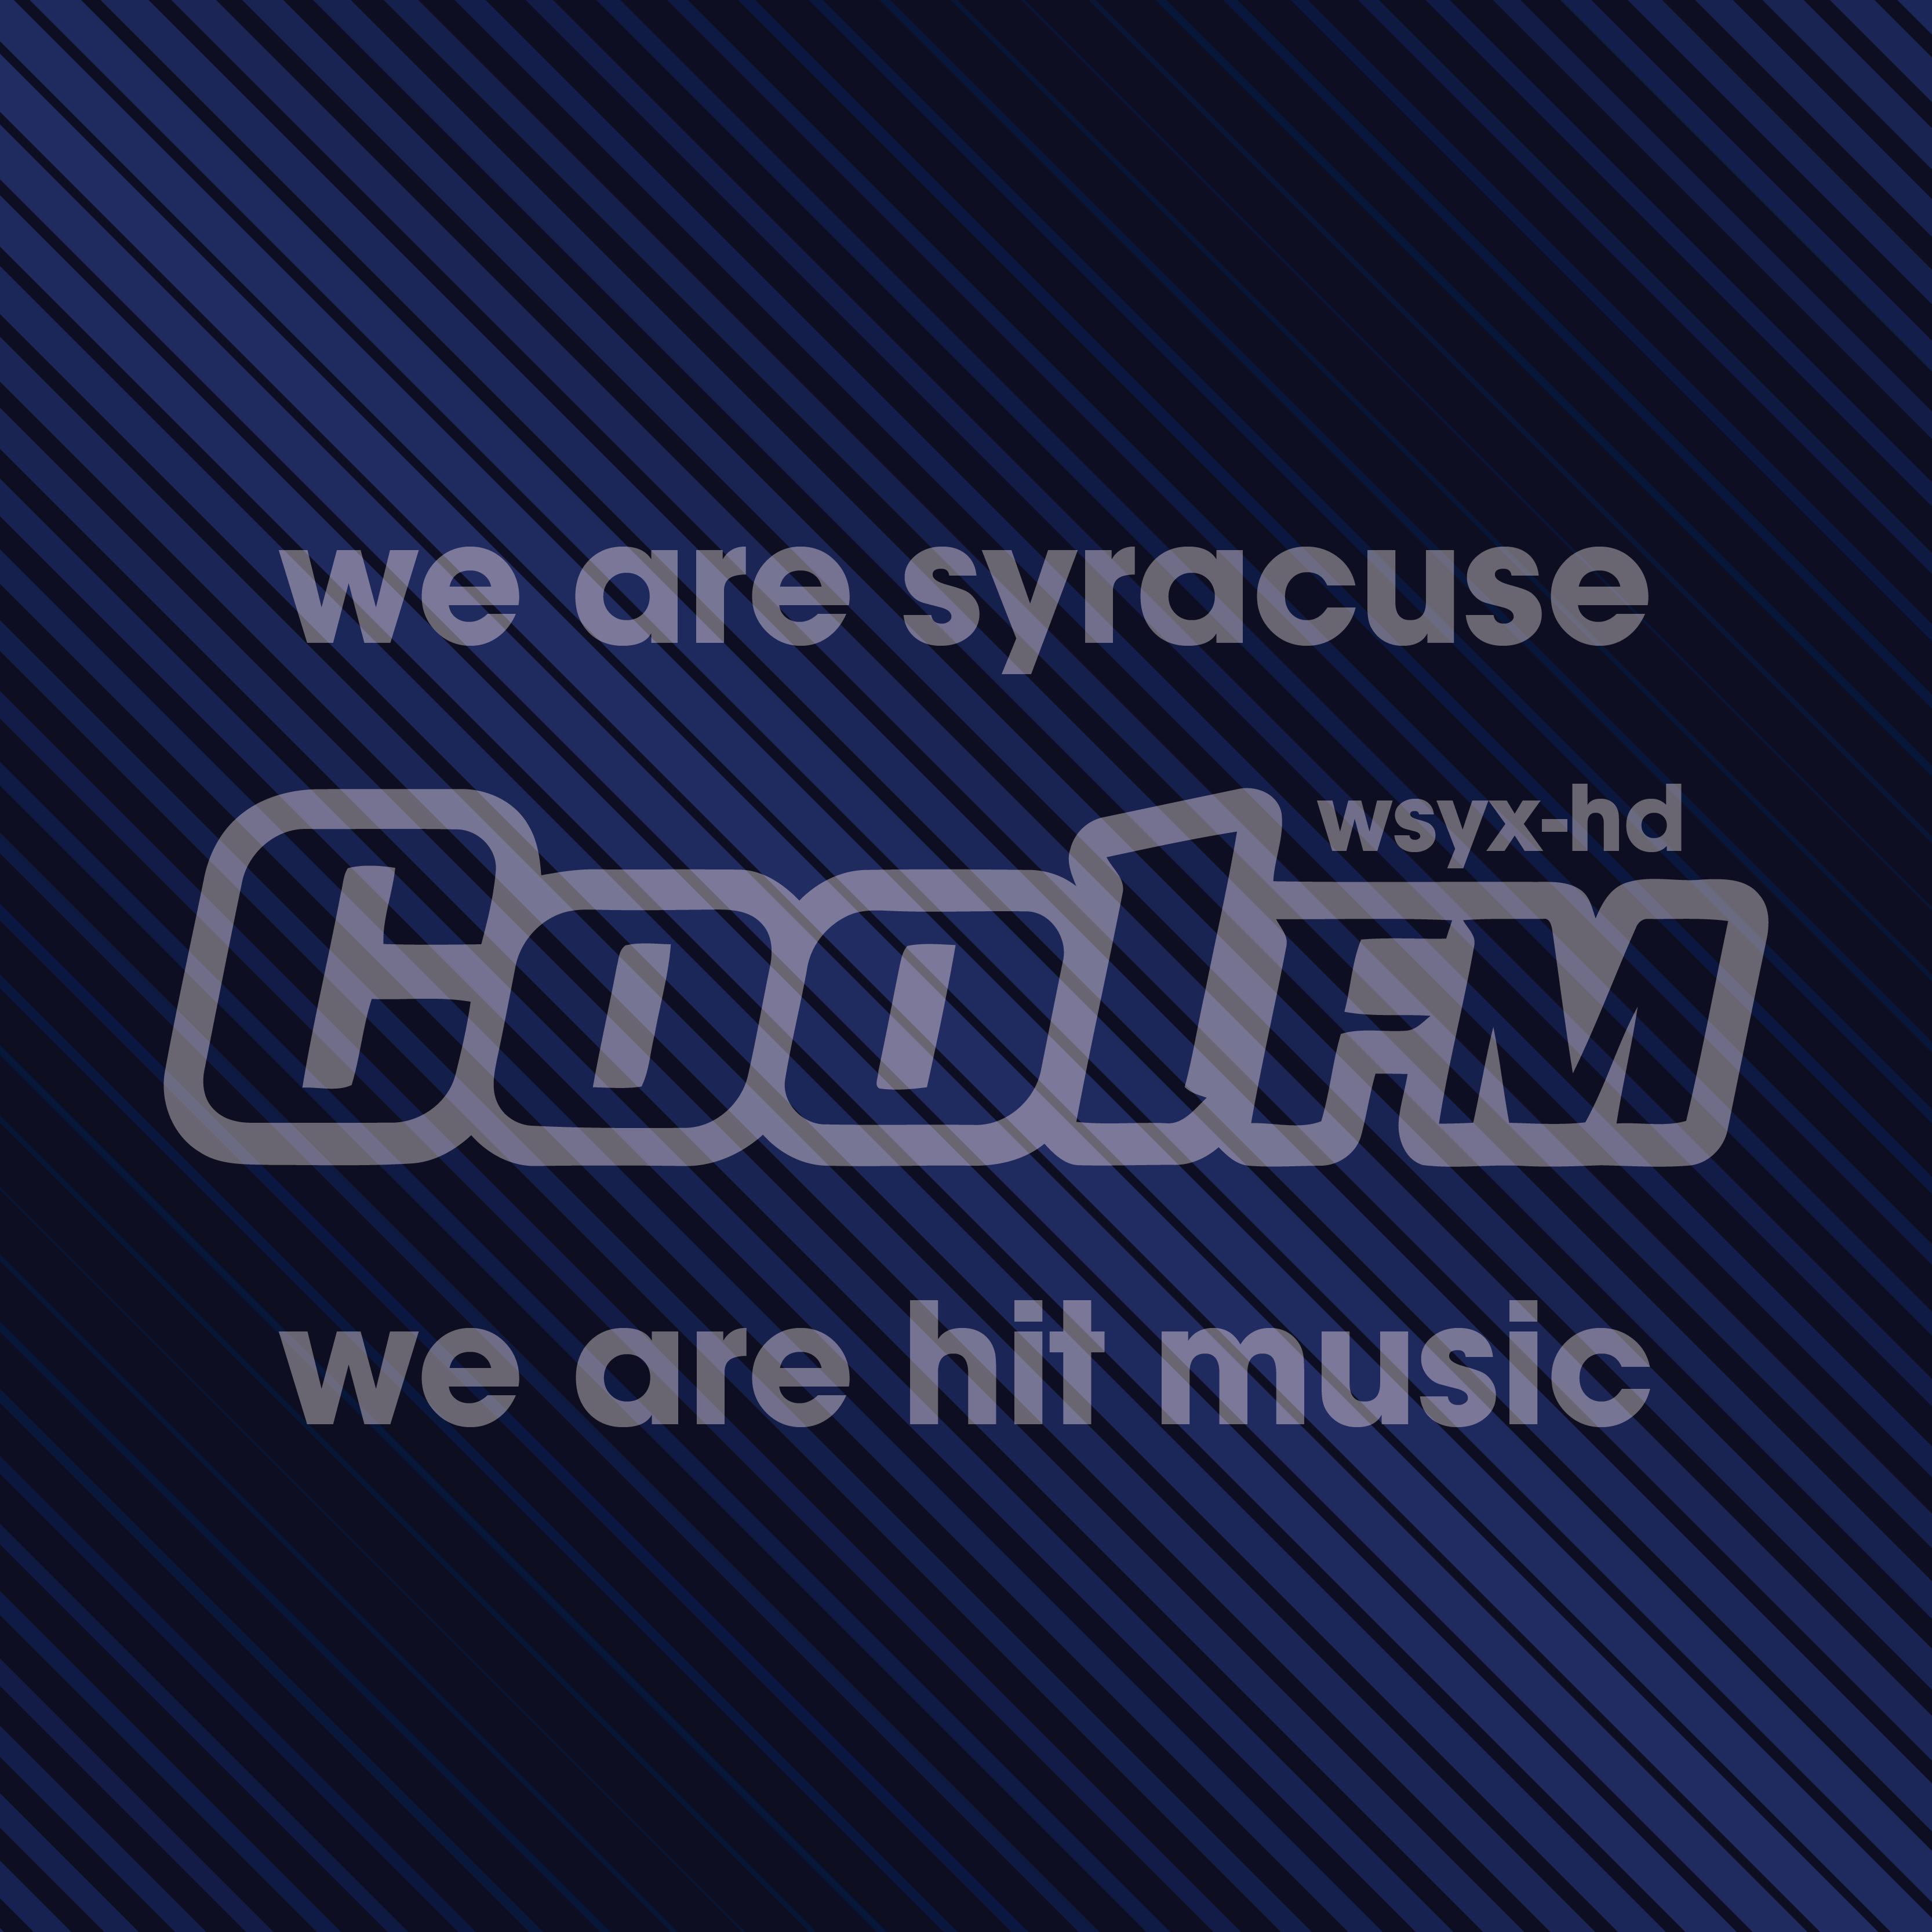 90.9 COOL FM